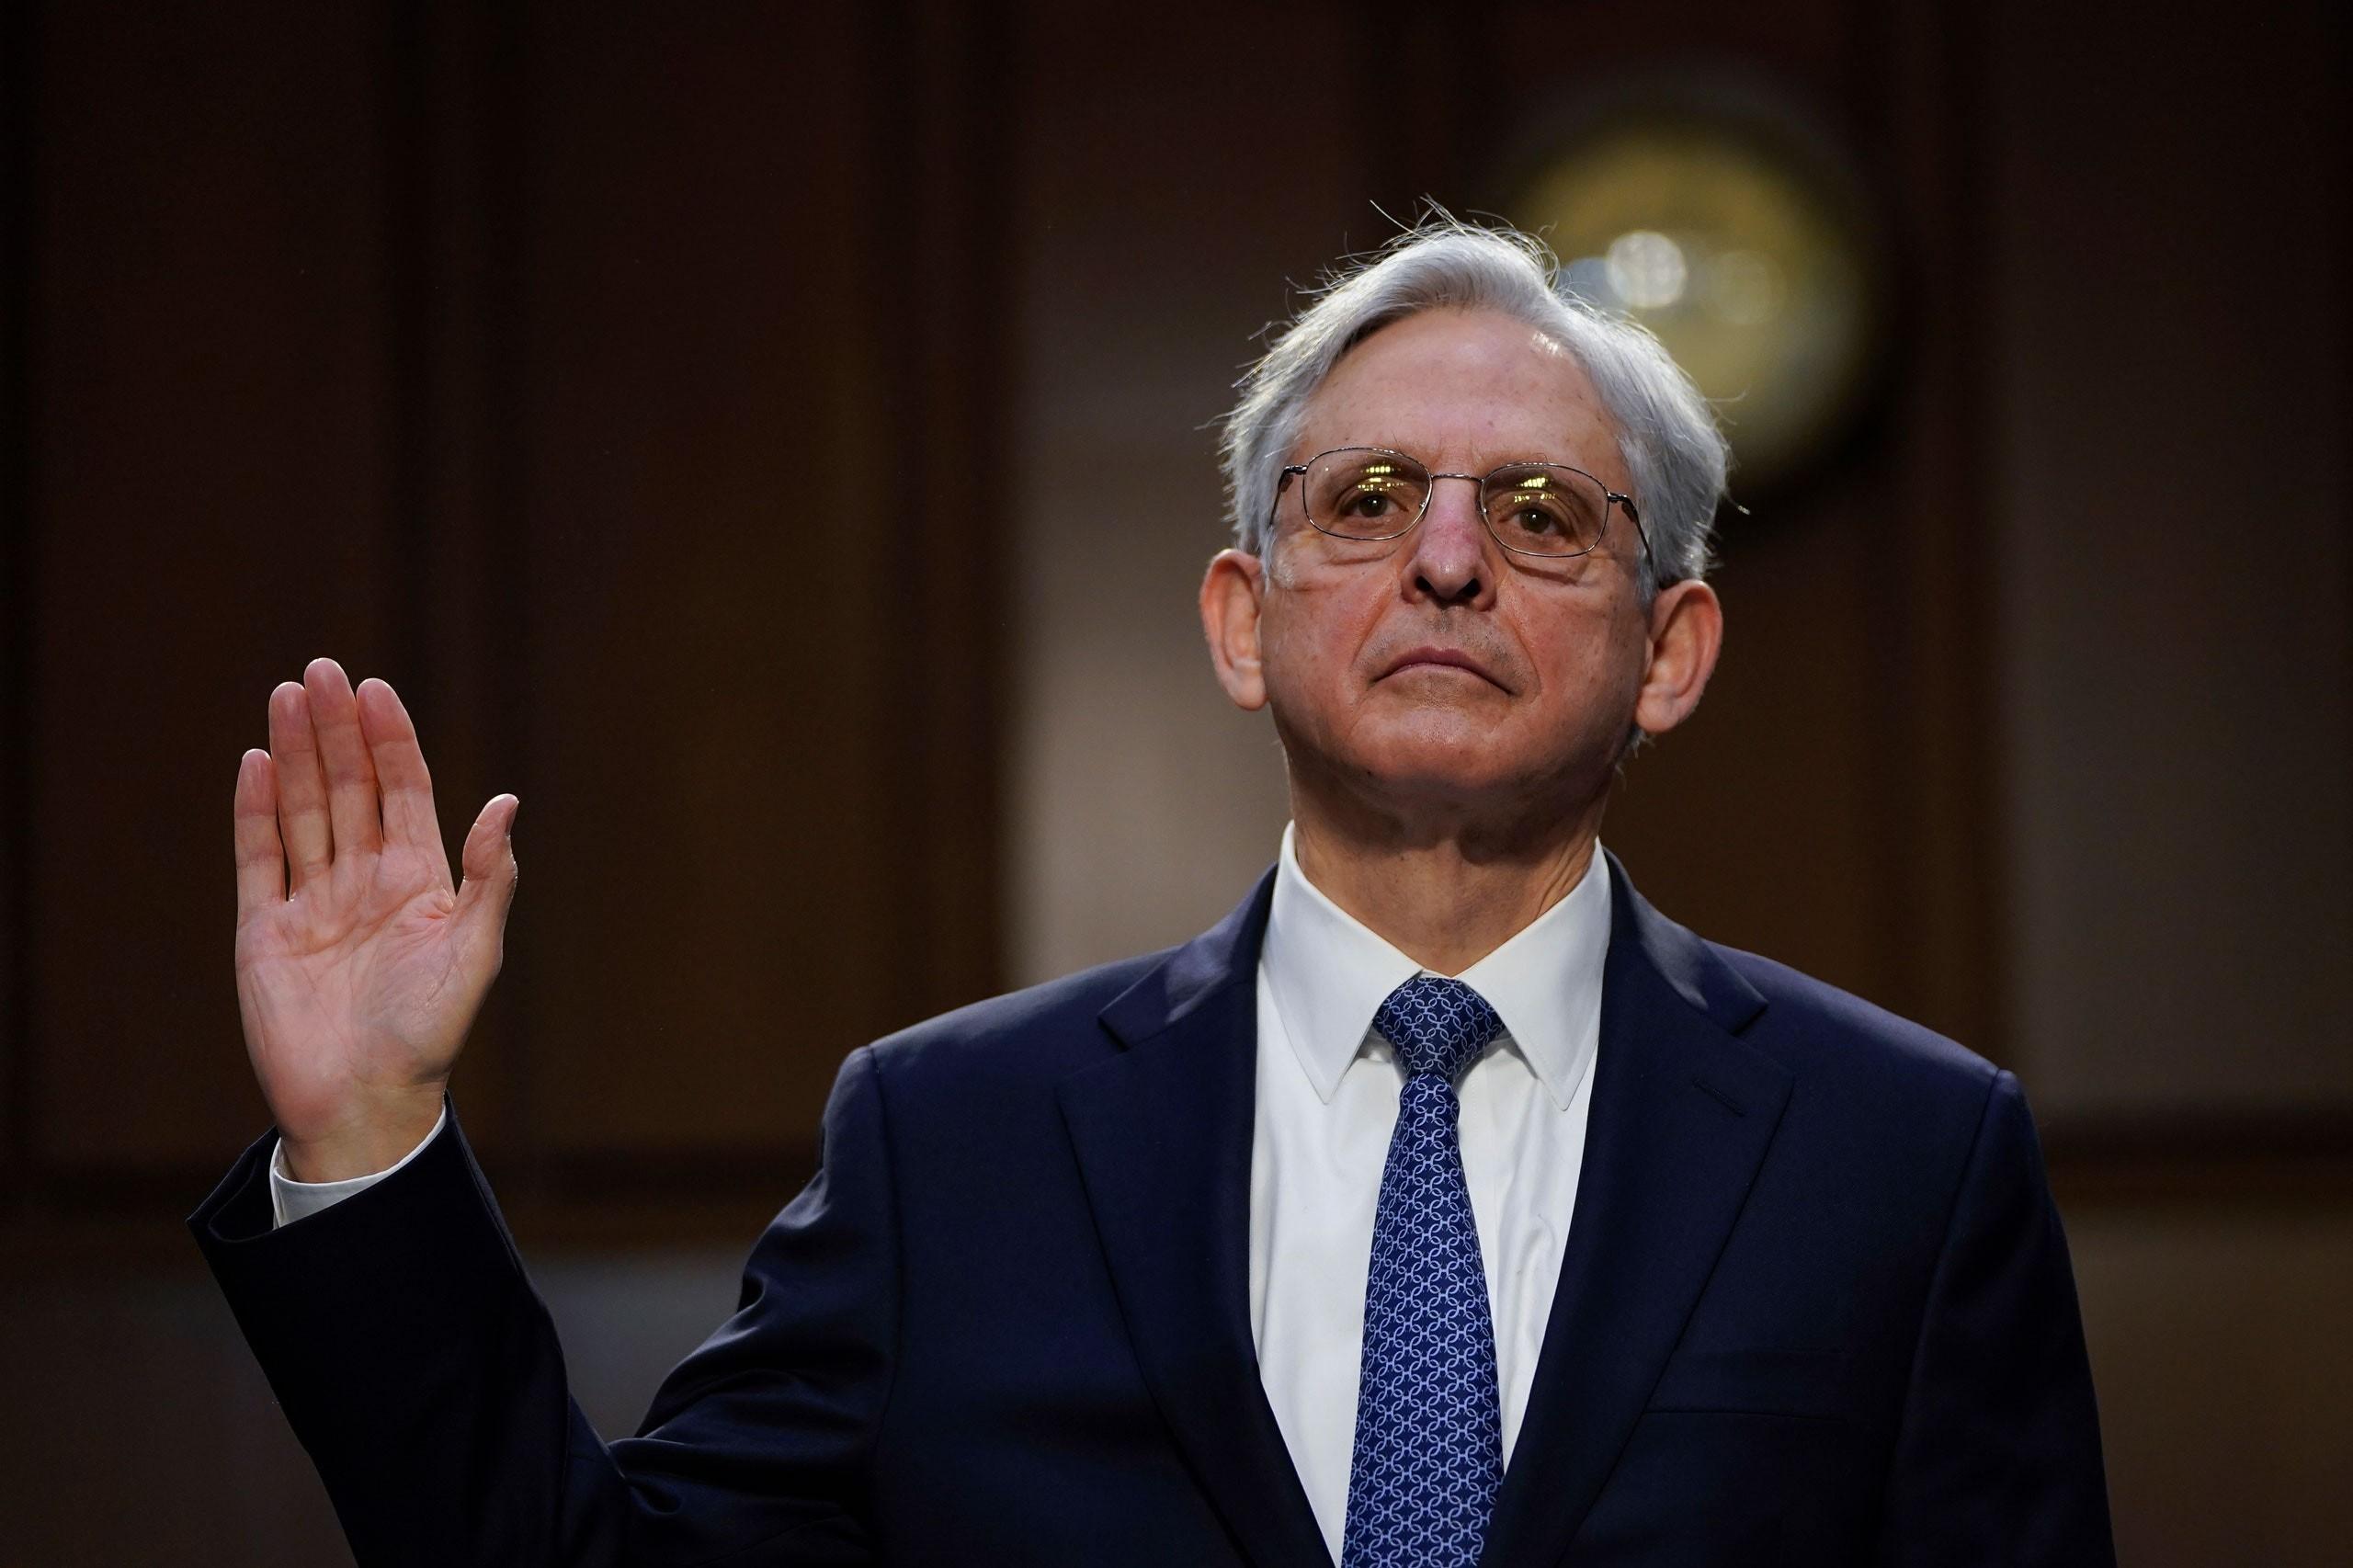 Merrick Garland – noul procuror general al SUA